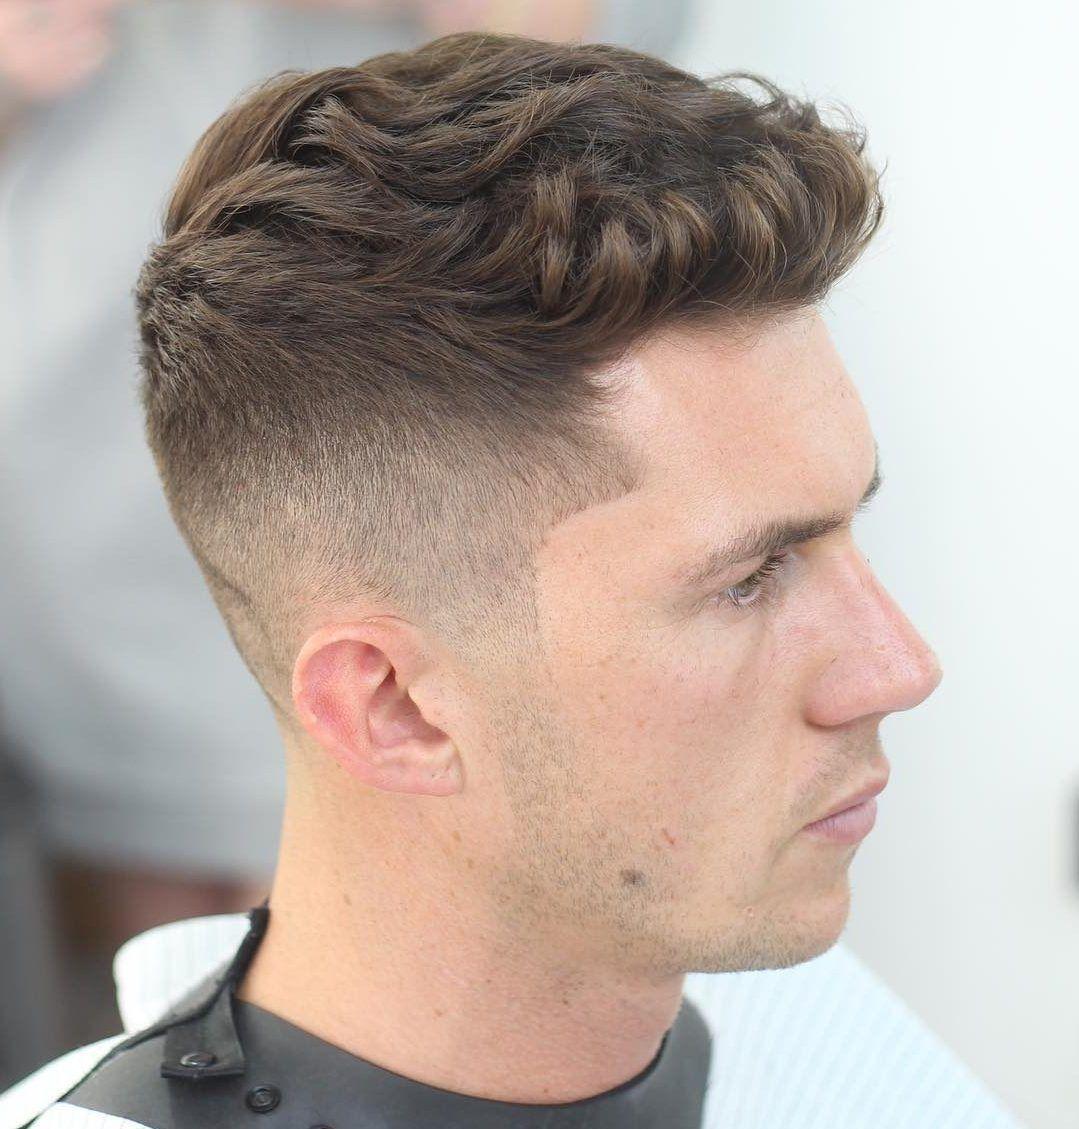 31 Haircuts Girls Wish Guys Would Get | Low skin fade, Haircuts ...